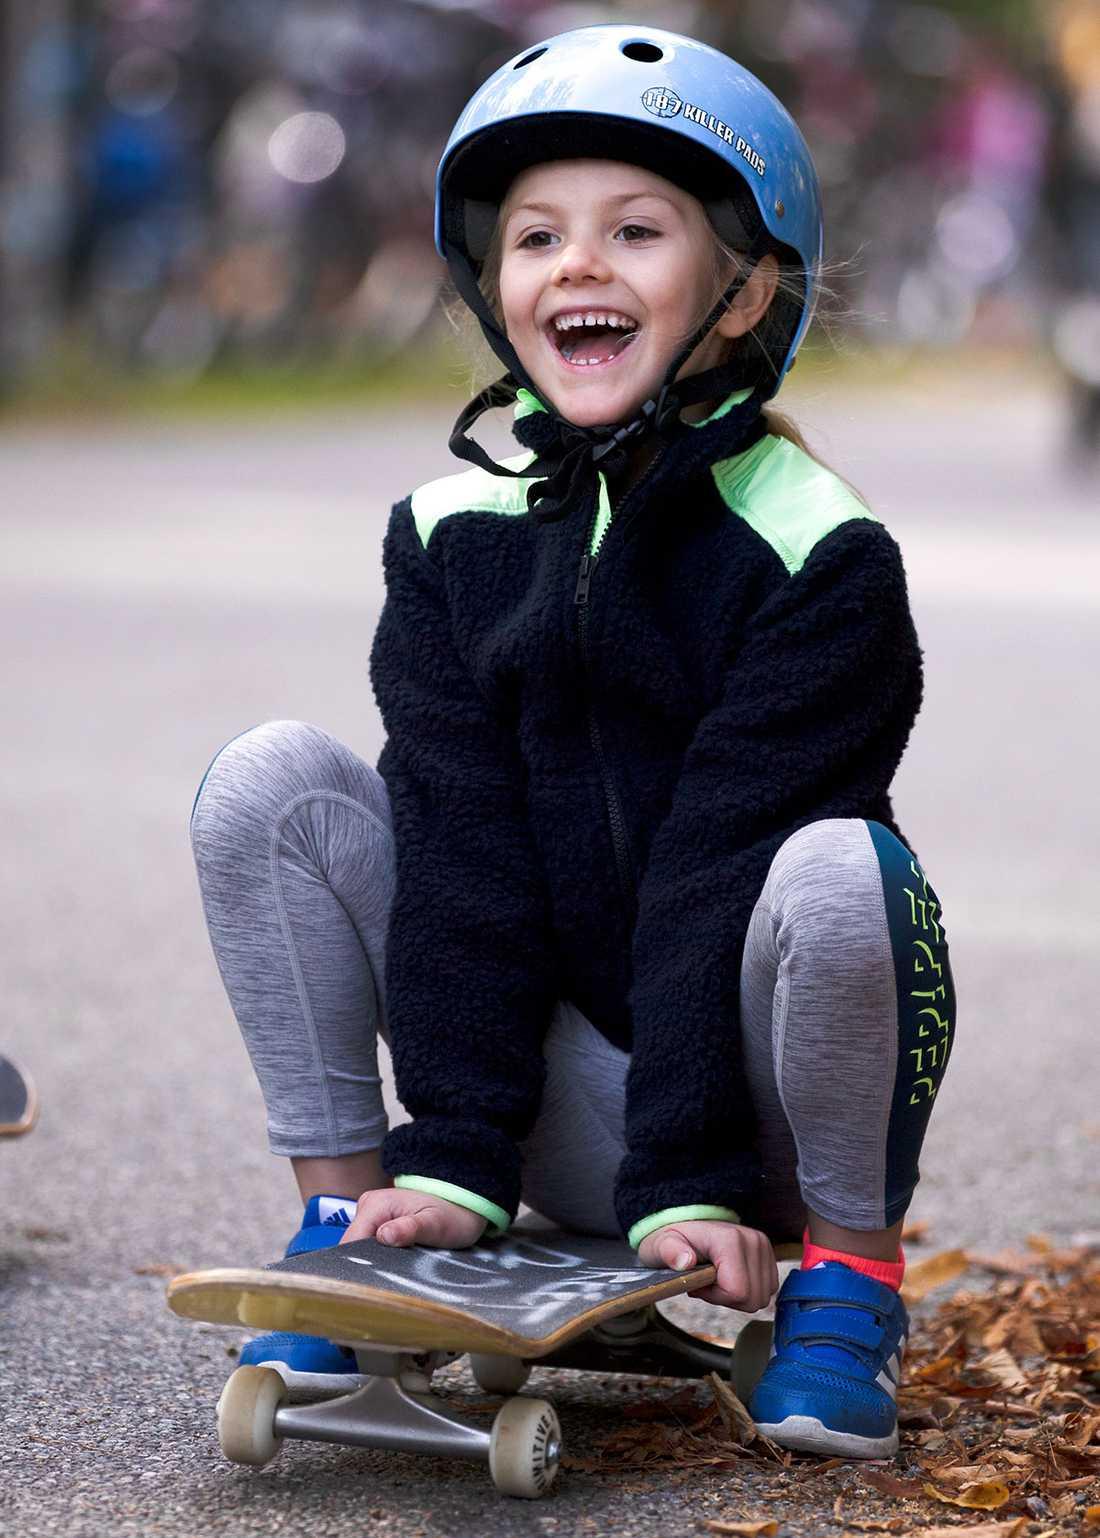 Precis som sina föräldrar älskar Estelle att testa på nya aktiviteter. Vare sig det är skidor, skridskor eller skateboard tvekar inte prinsessan att testa.